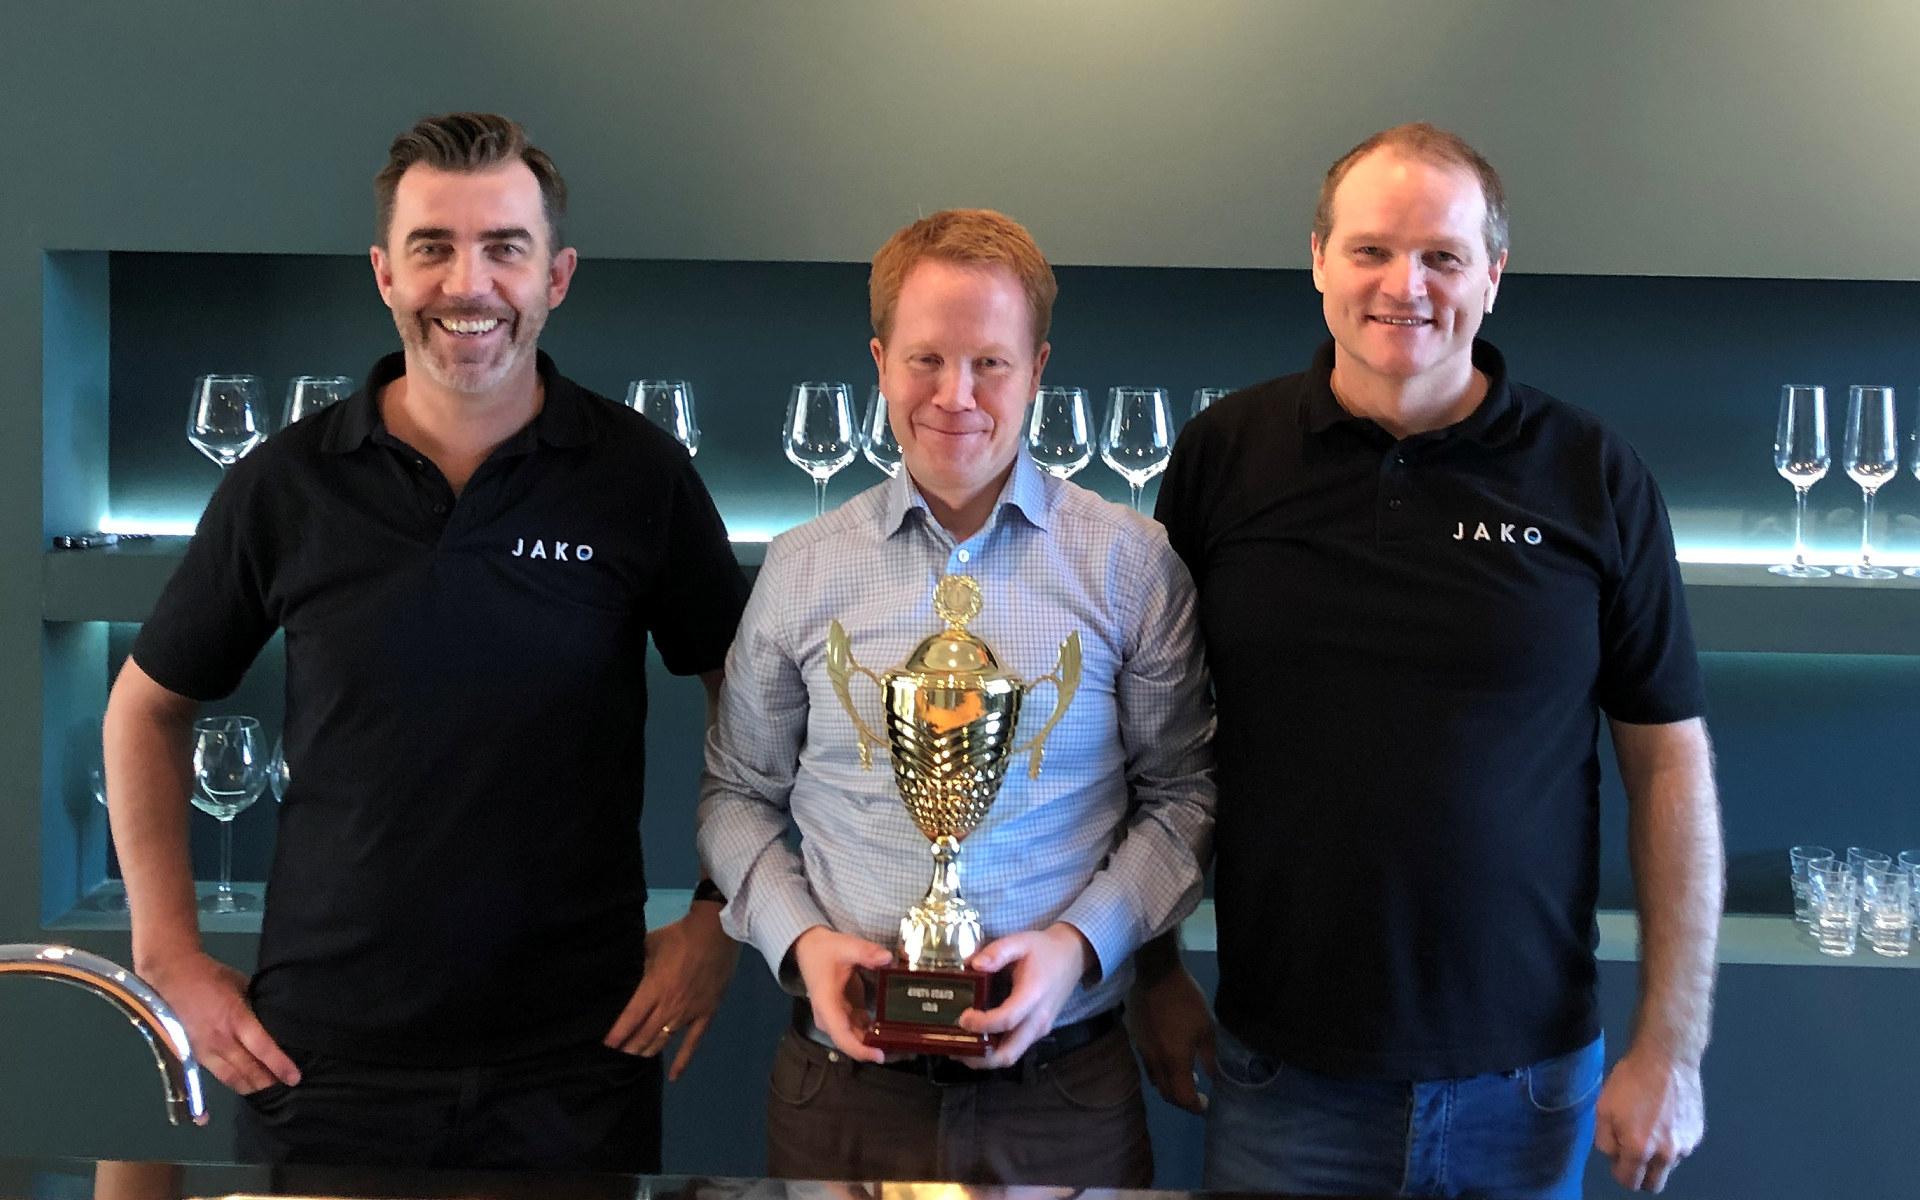 Pris for beste stand på NRV/NVKs generalforsmling 2019 gikk til Jako. F.v.: Tom S. Pedersen, Rune Nilsen og Kristian Isachsen.